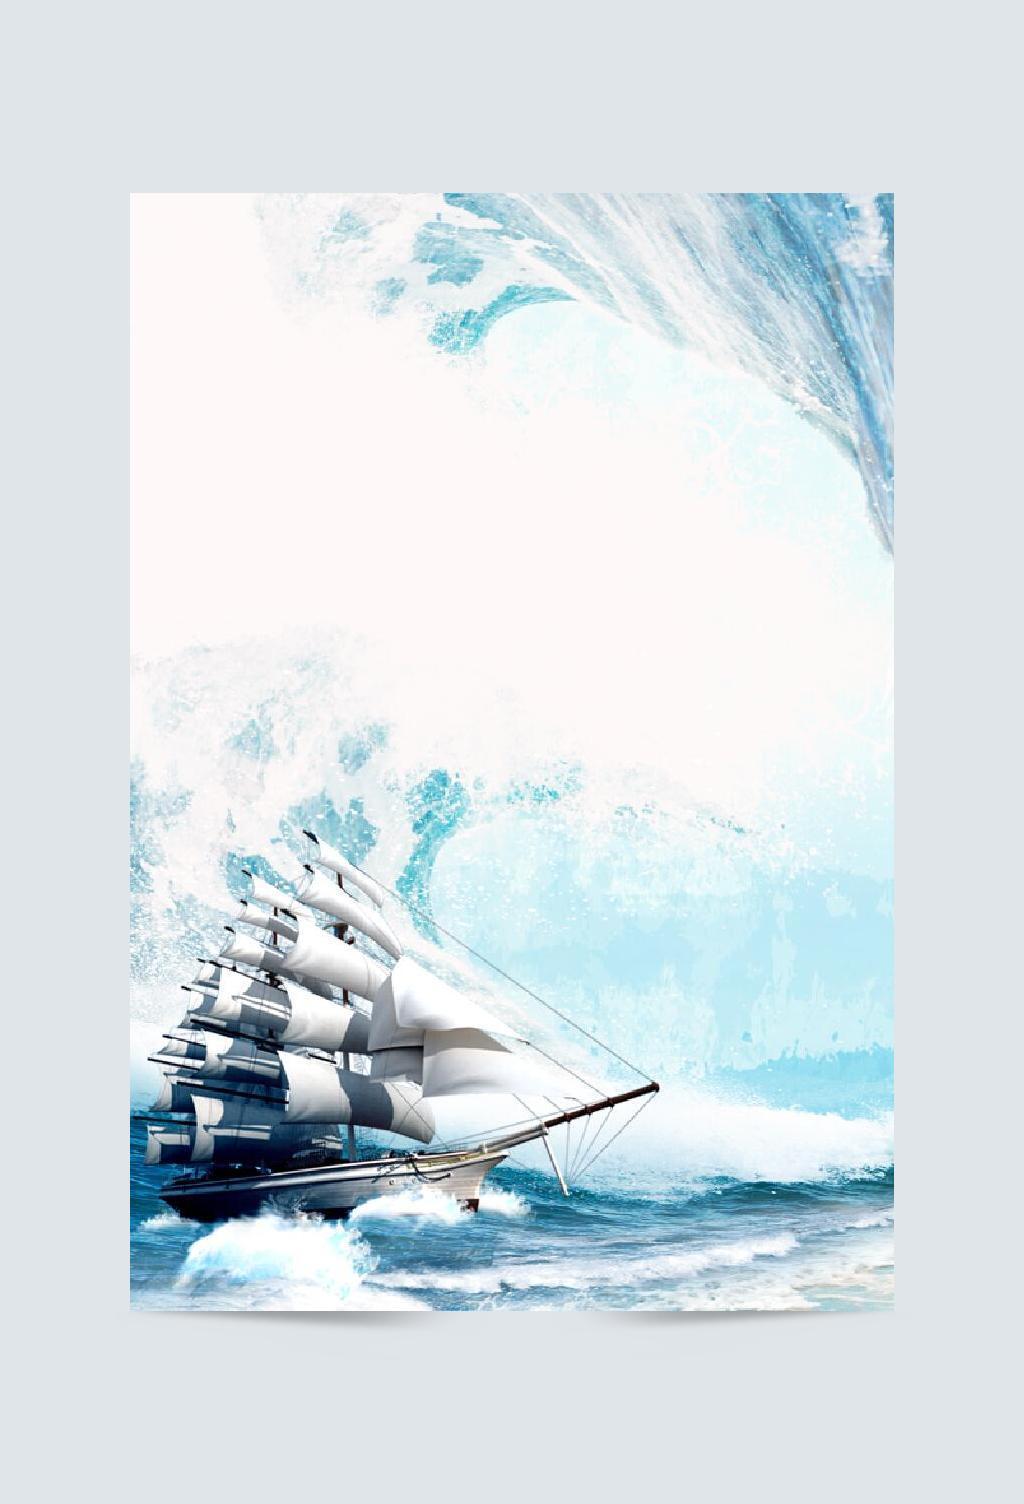 蓝色帆船海浪招聘背景素材